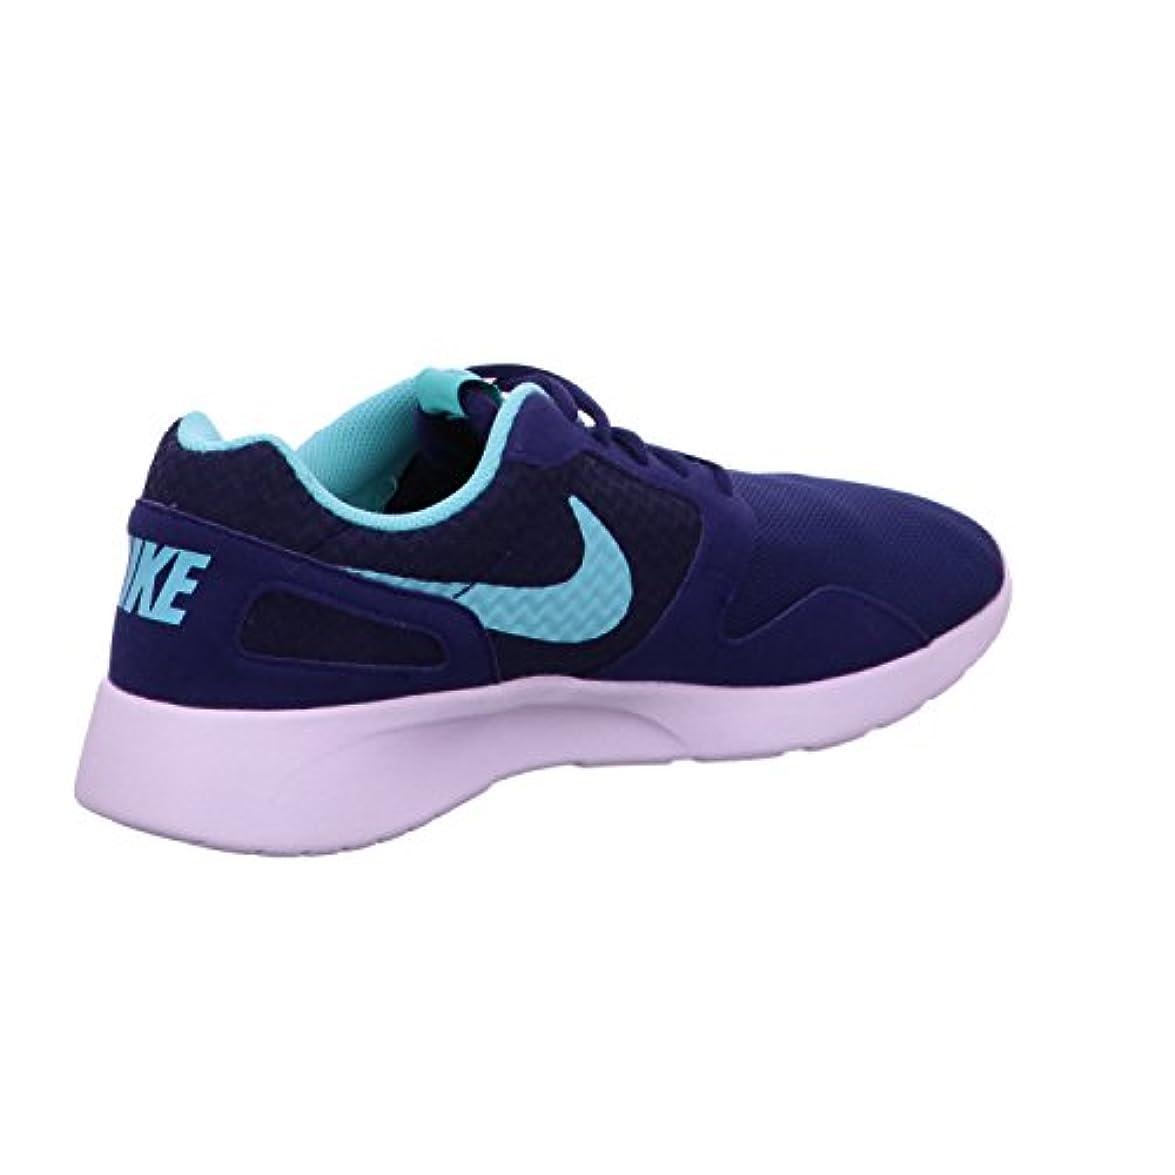 Nike Wmns Kaishi Scarpe Da Corsa Donna